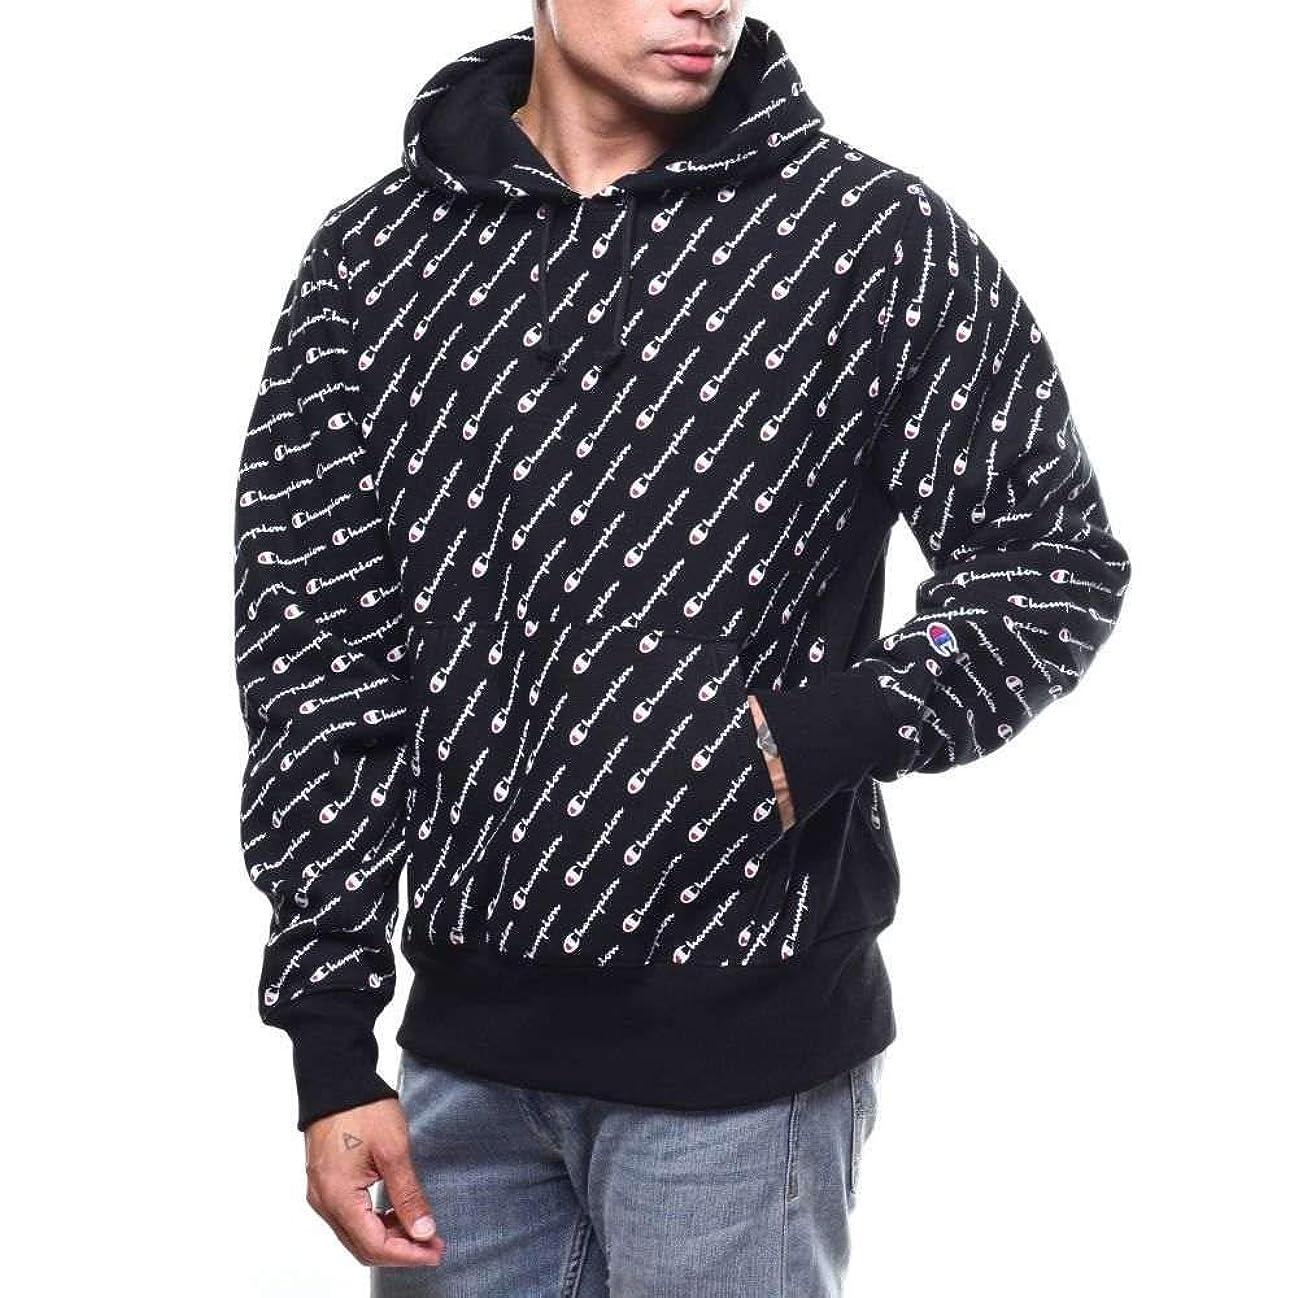 病な矢印上流の(チャンピオン) Champion メンズ トップス パーカー reverse weave all over print hoodie [並行輸入品]